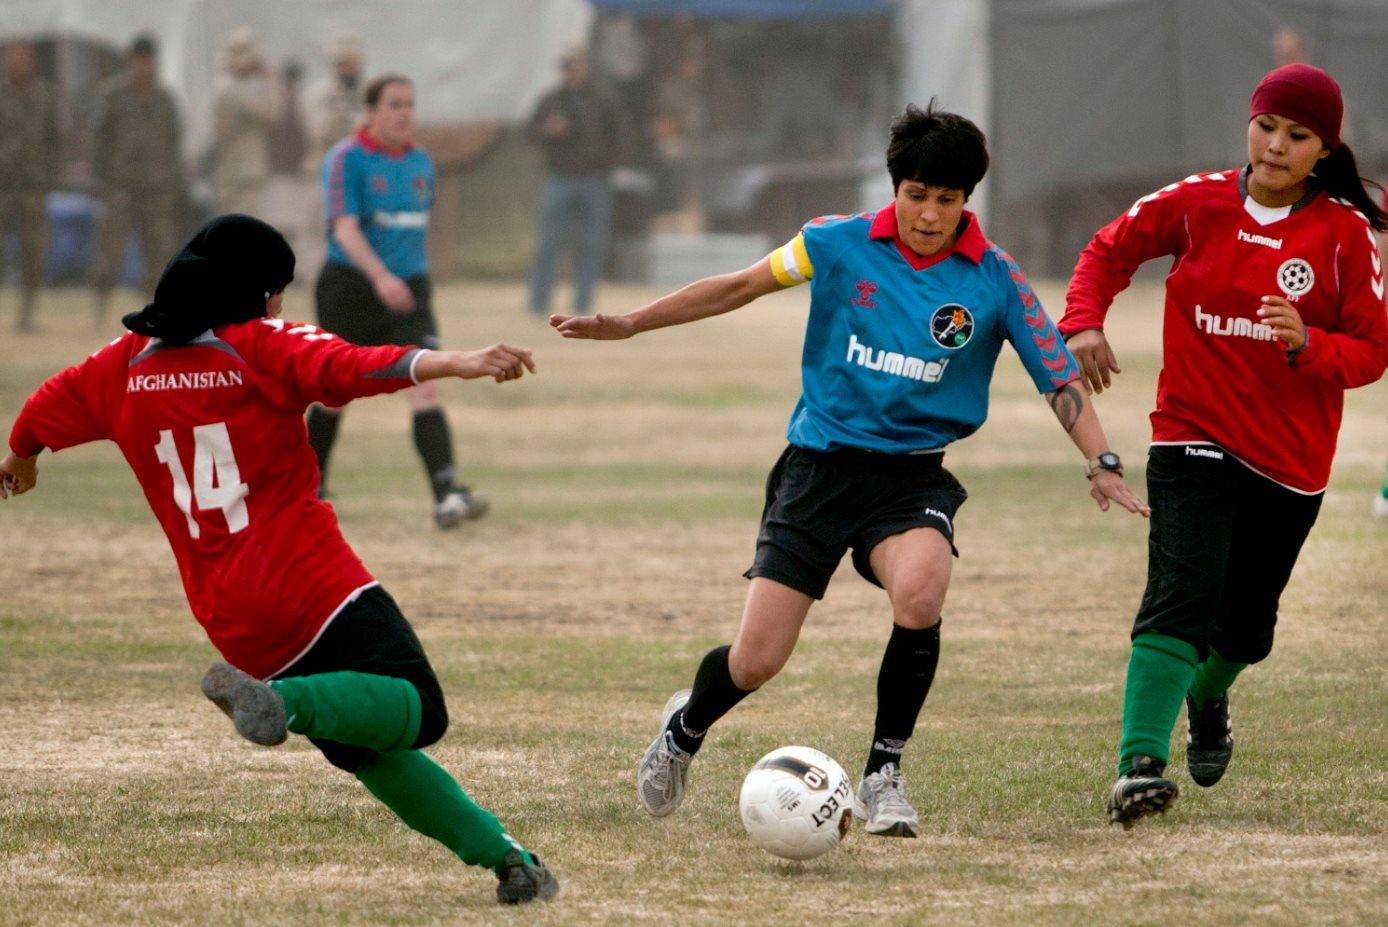 Sepak bola perempuan Afghanistan dalam pertandingan persahabatan melawan tim Pasukan Keamanan Intrnasional yang dipimpin NATO di Kabul, tahun 2010. Tim Afghan menang 1-0.